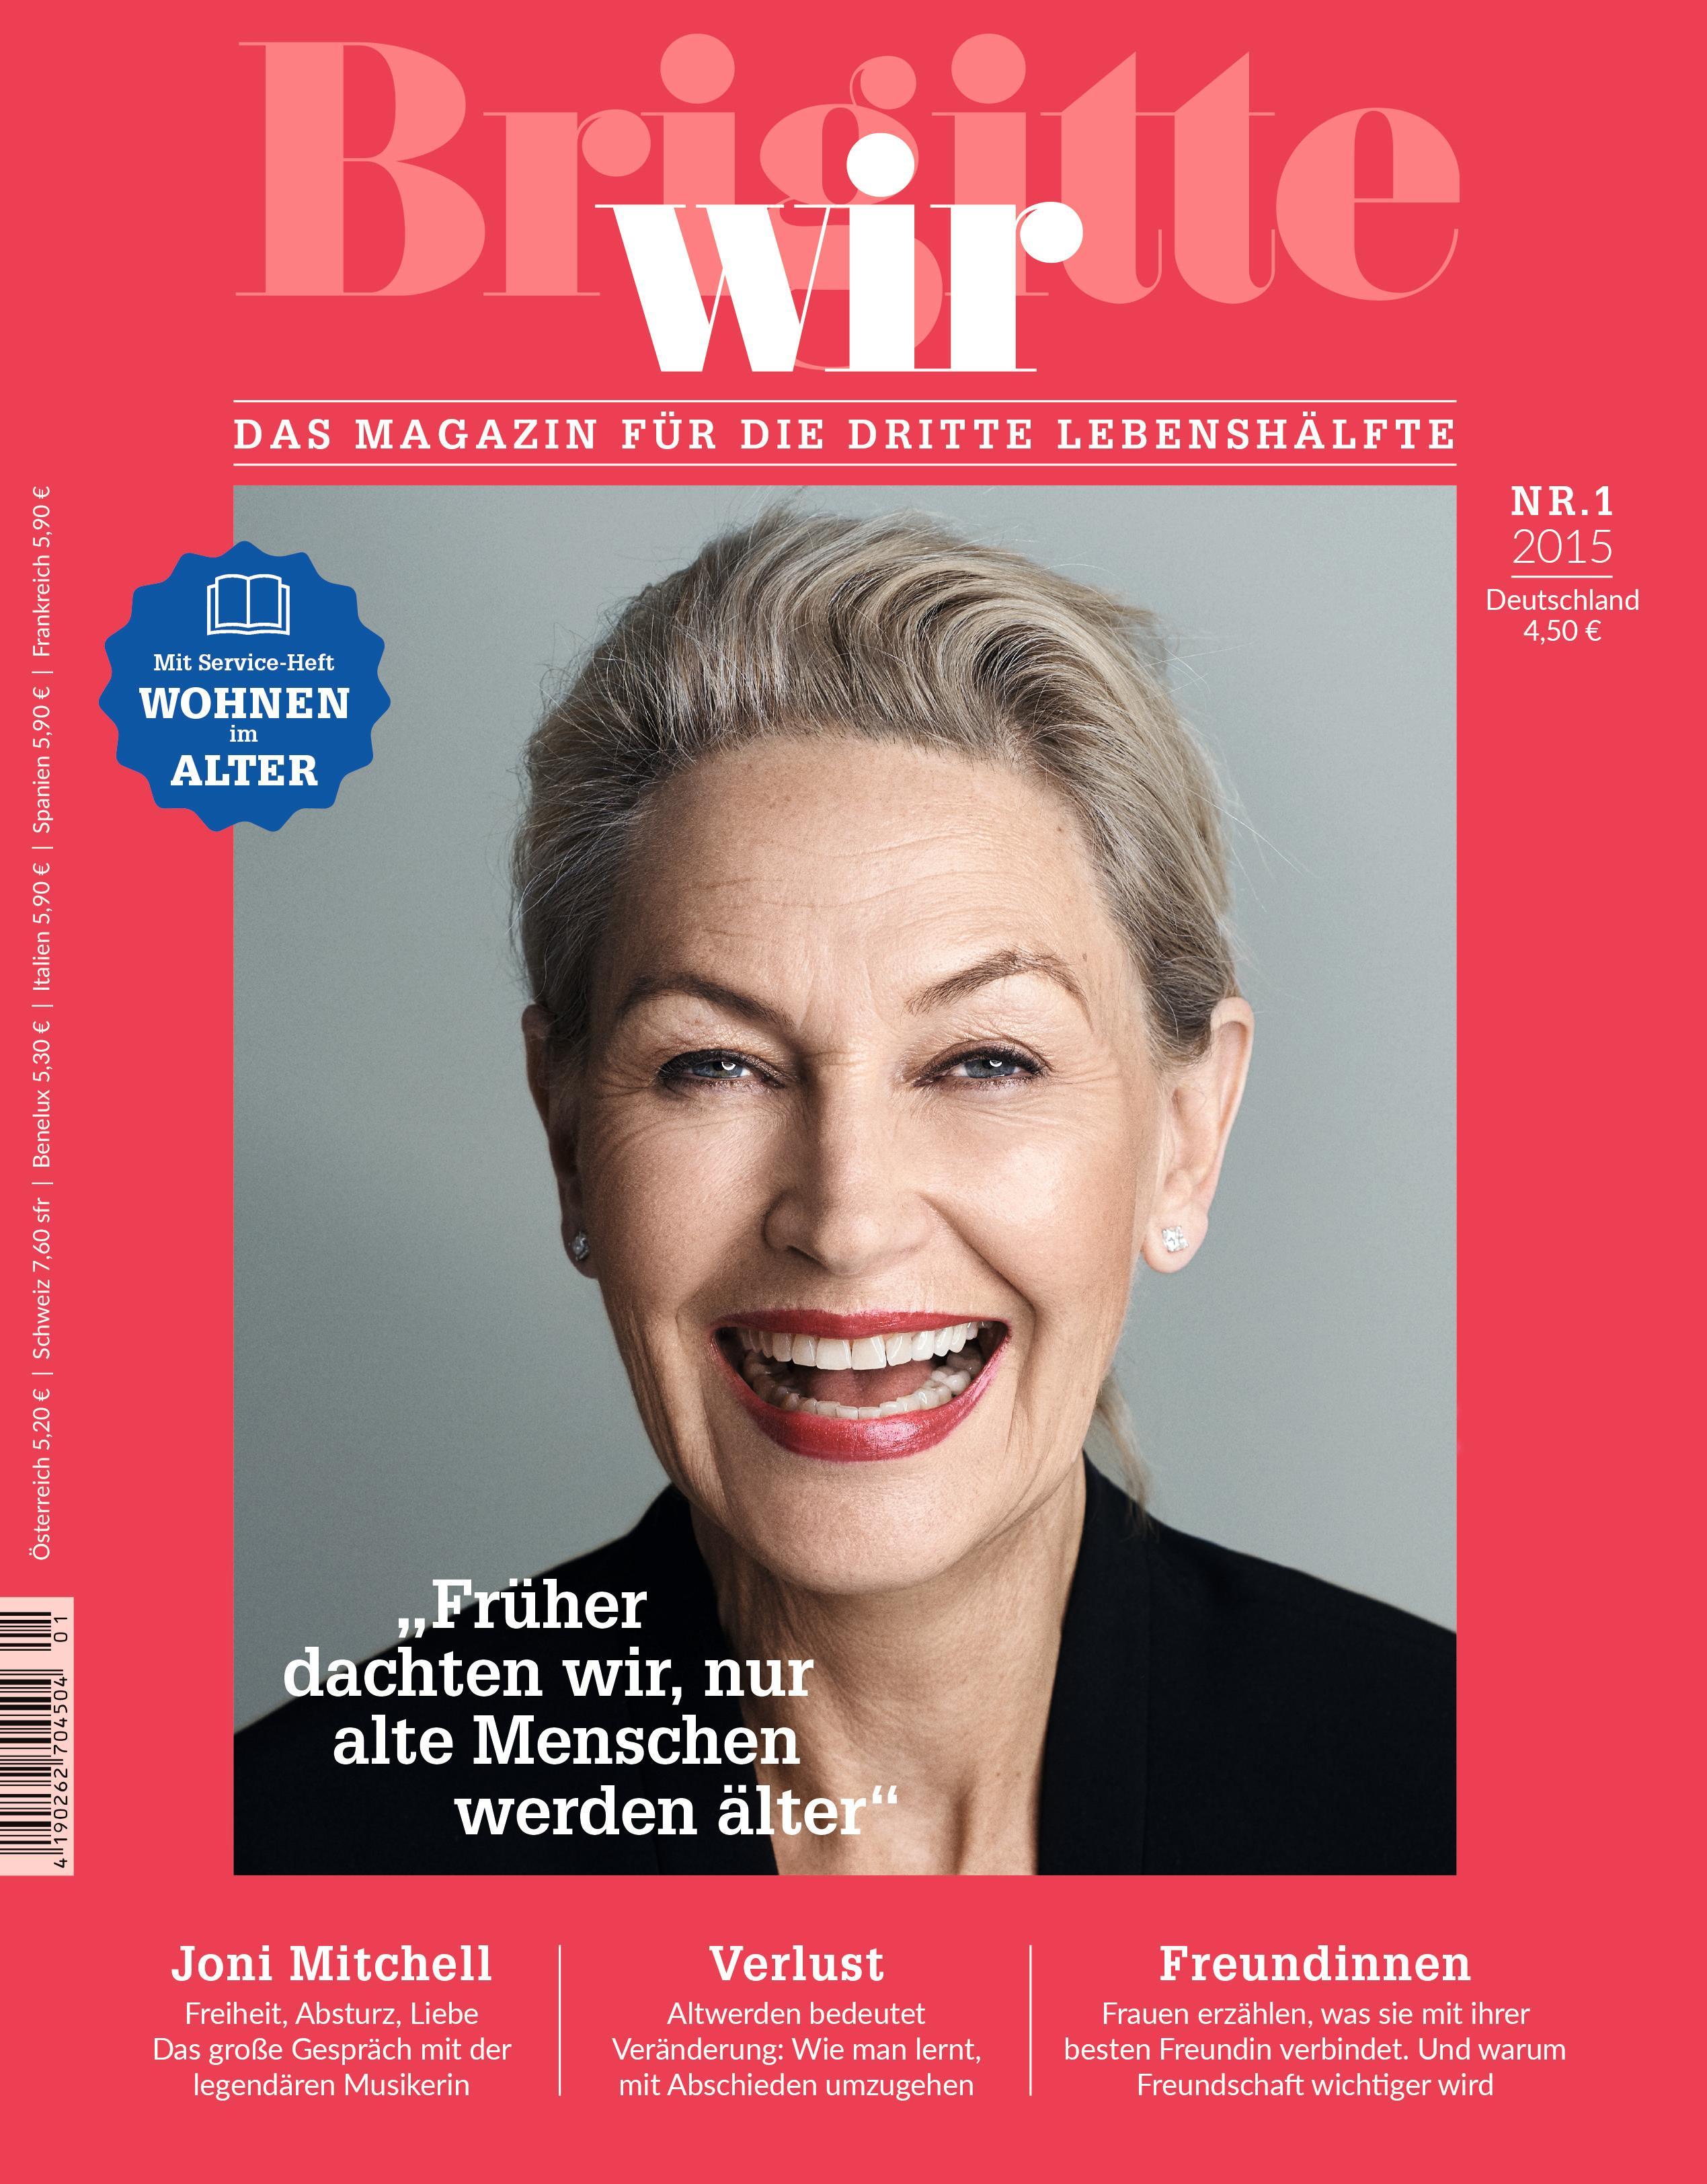 Gruner Und Jahr Zeitschriften alter hat zukunft gruner jahr startet mit brigitte wir ein neues